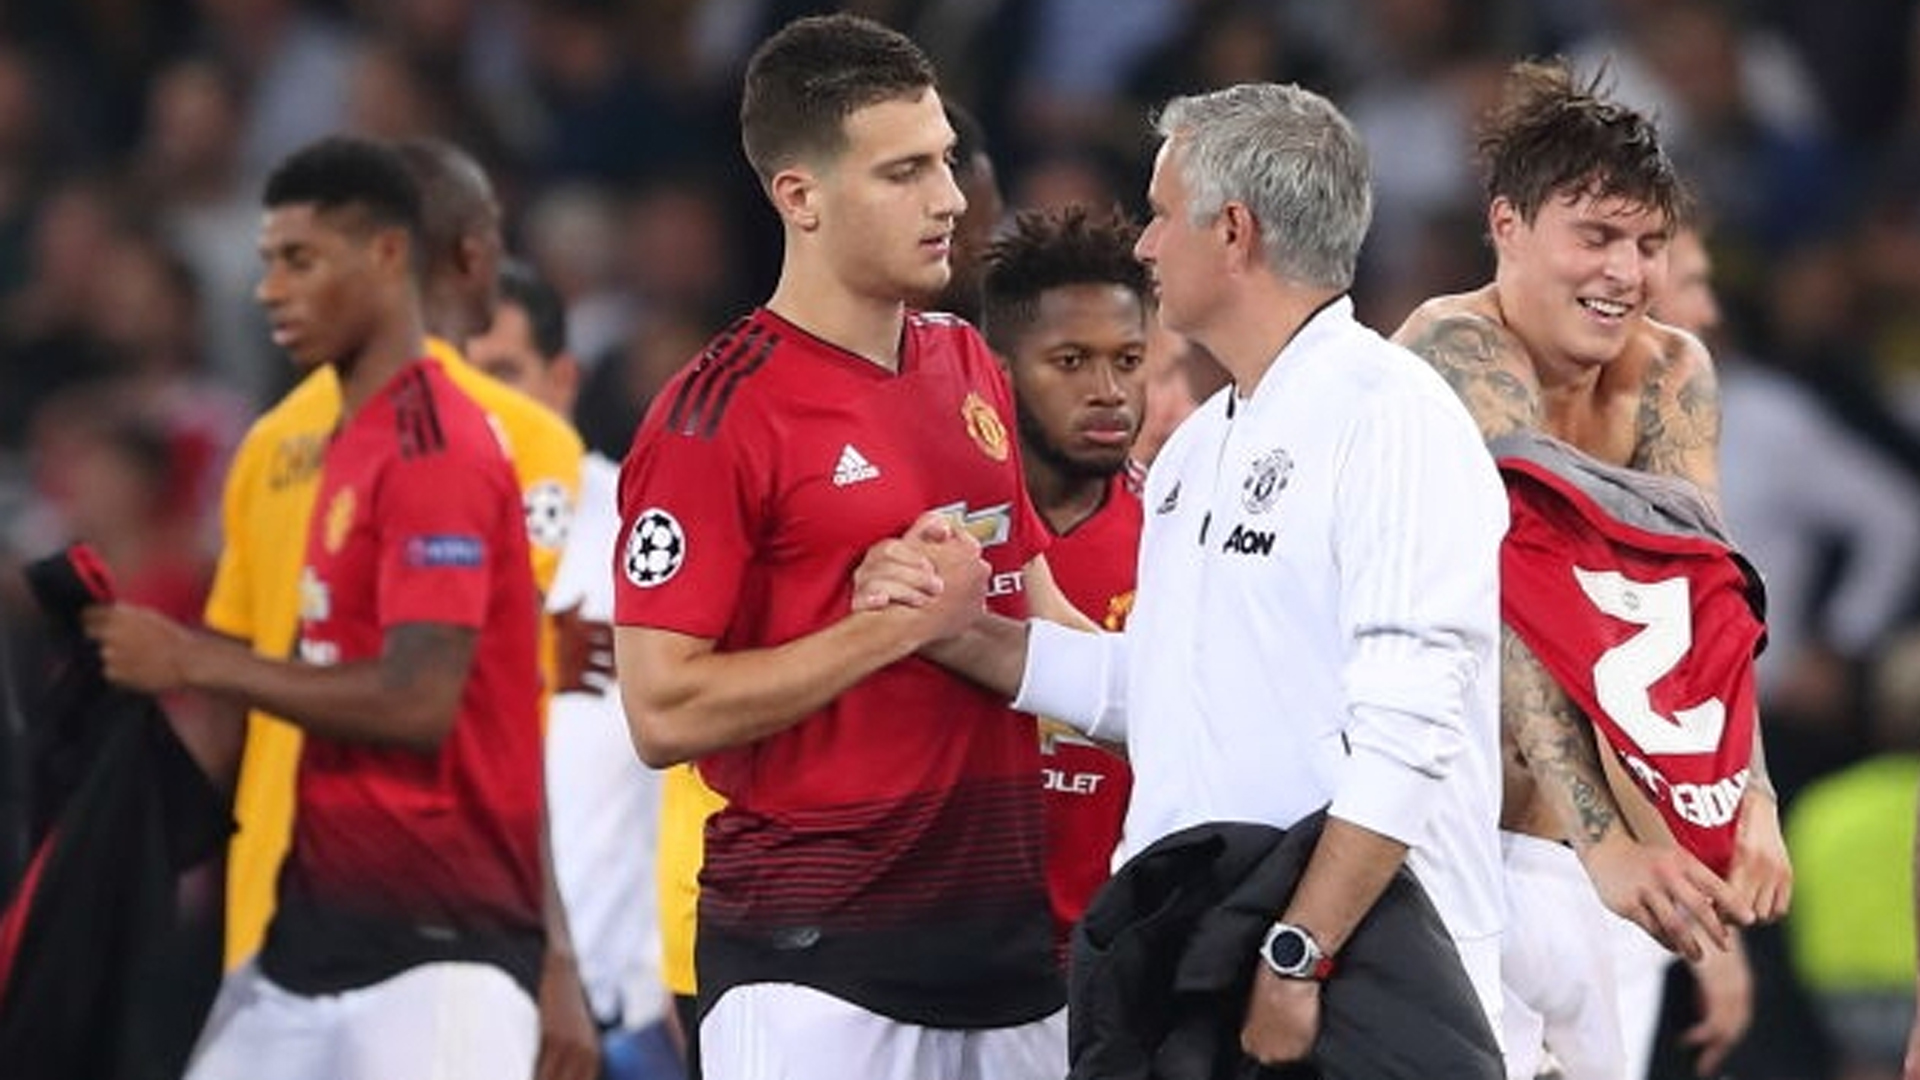 Mourinho, One Of The Best Coaches Ever - Diogo Dalot